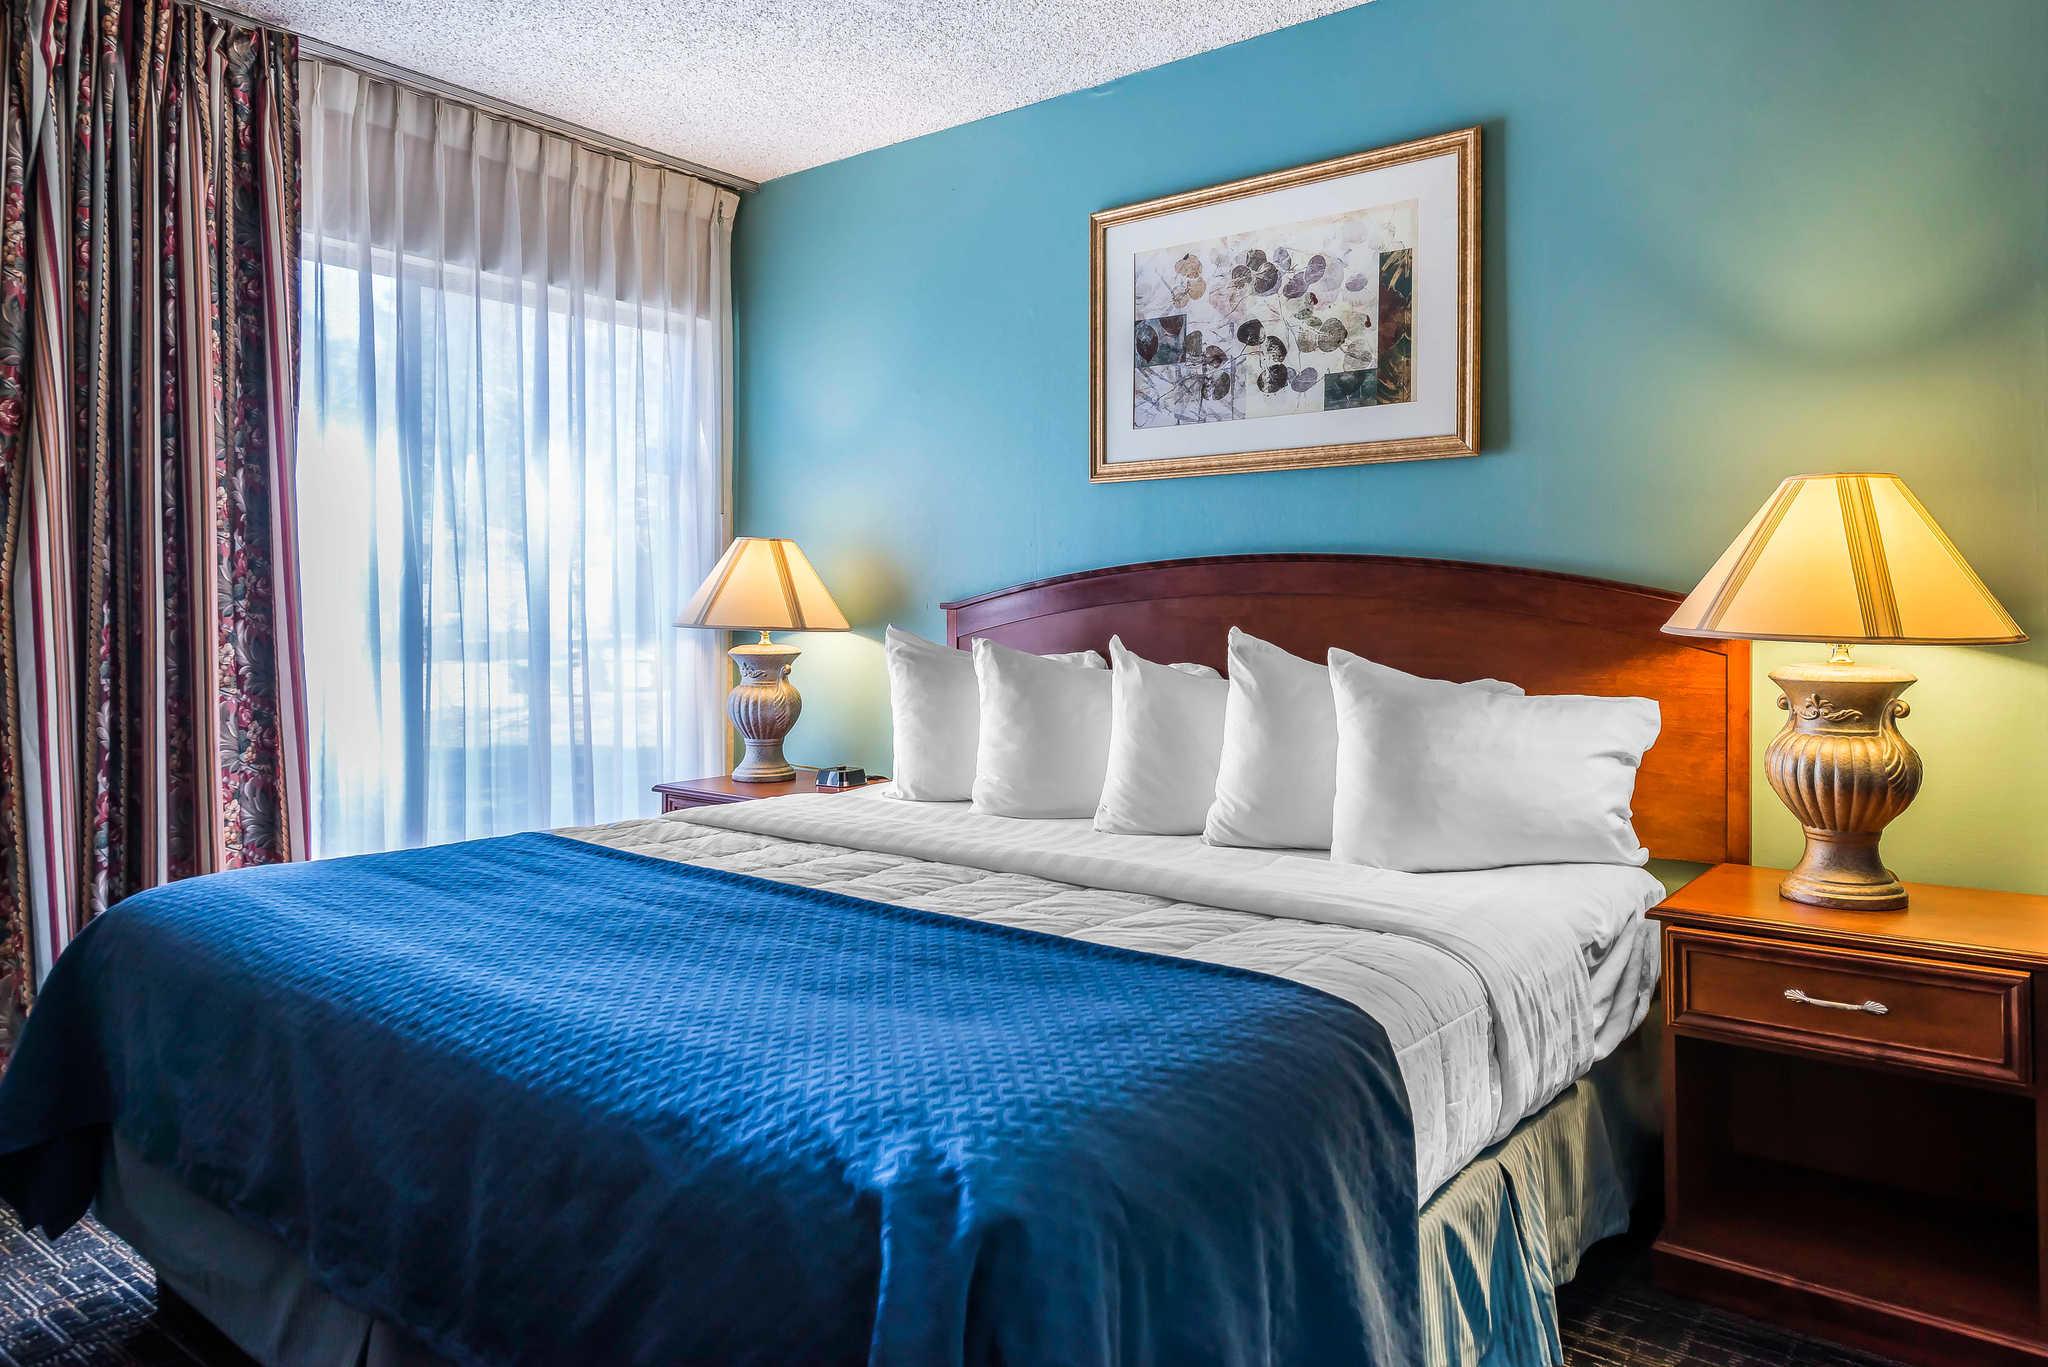 Quality Suites Central